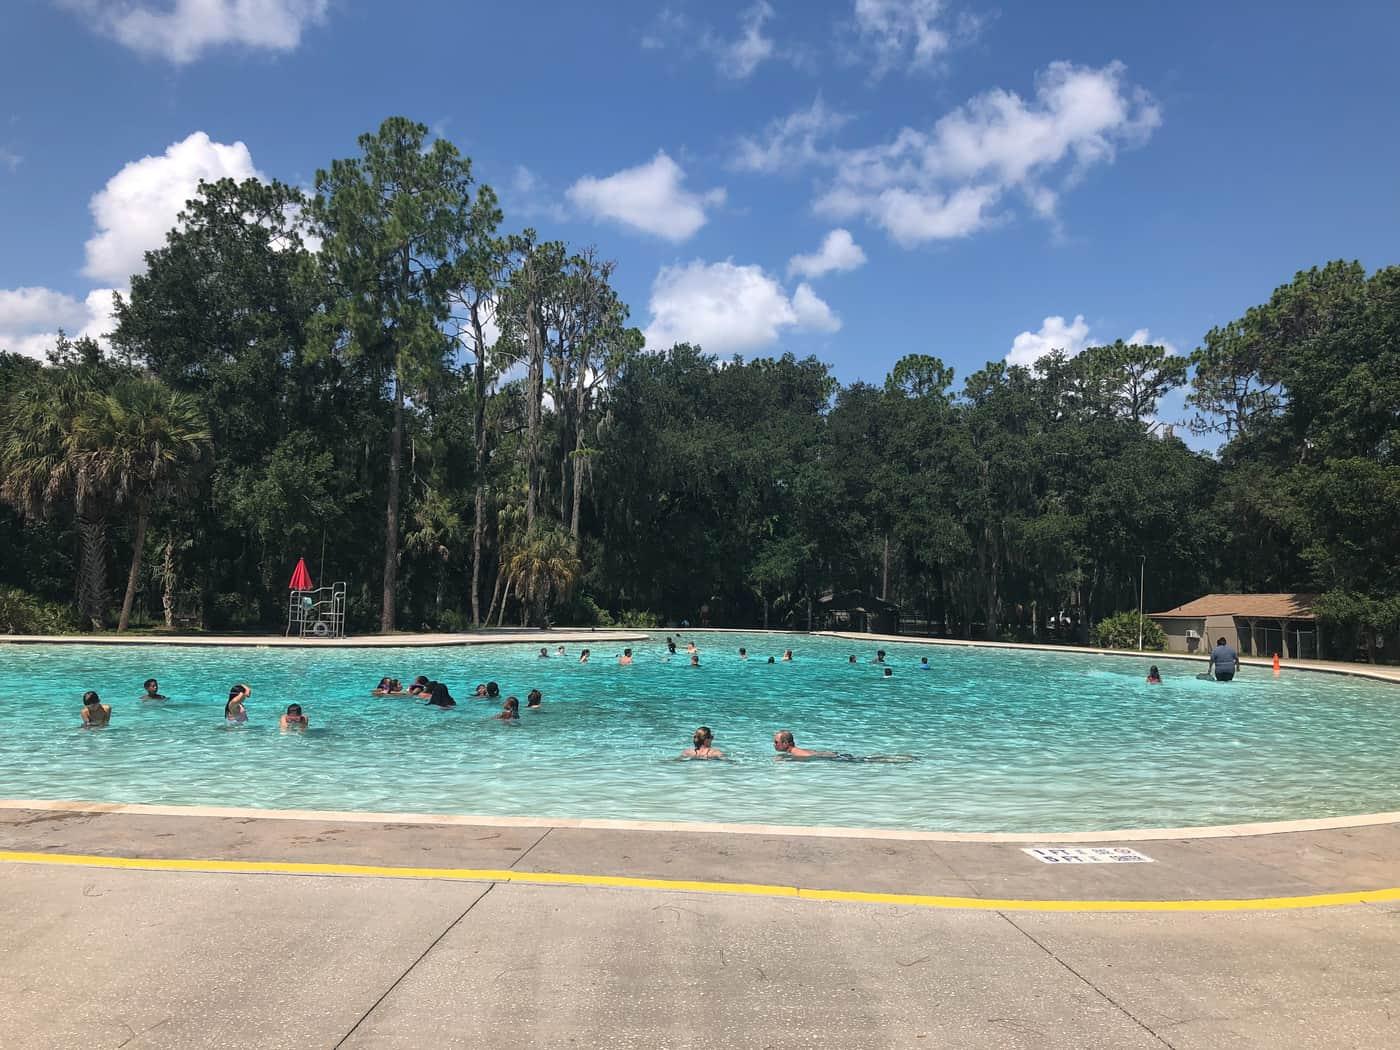 Pool at Hillsborough River State Park